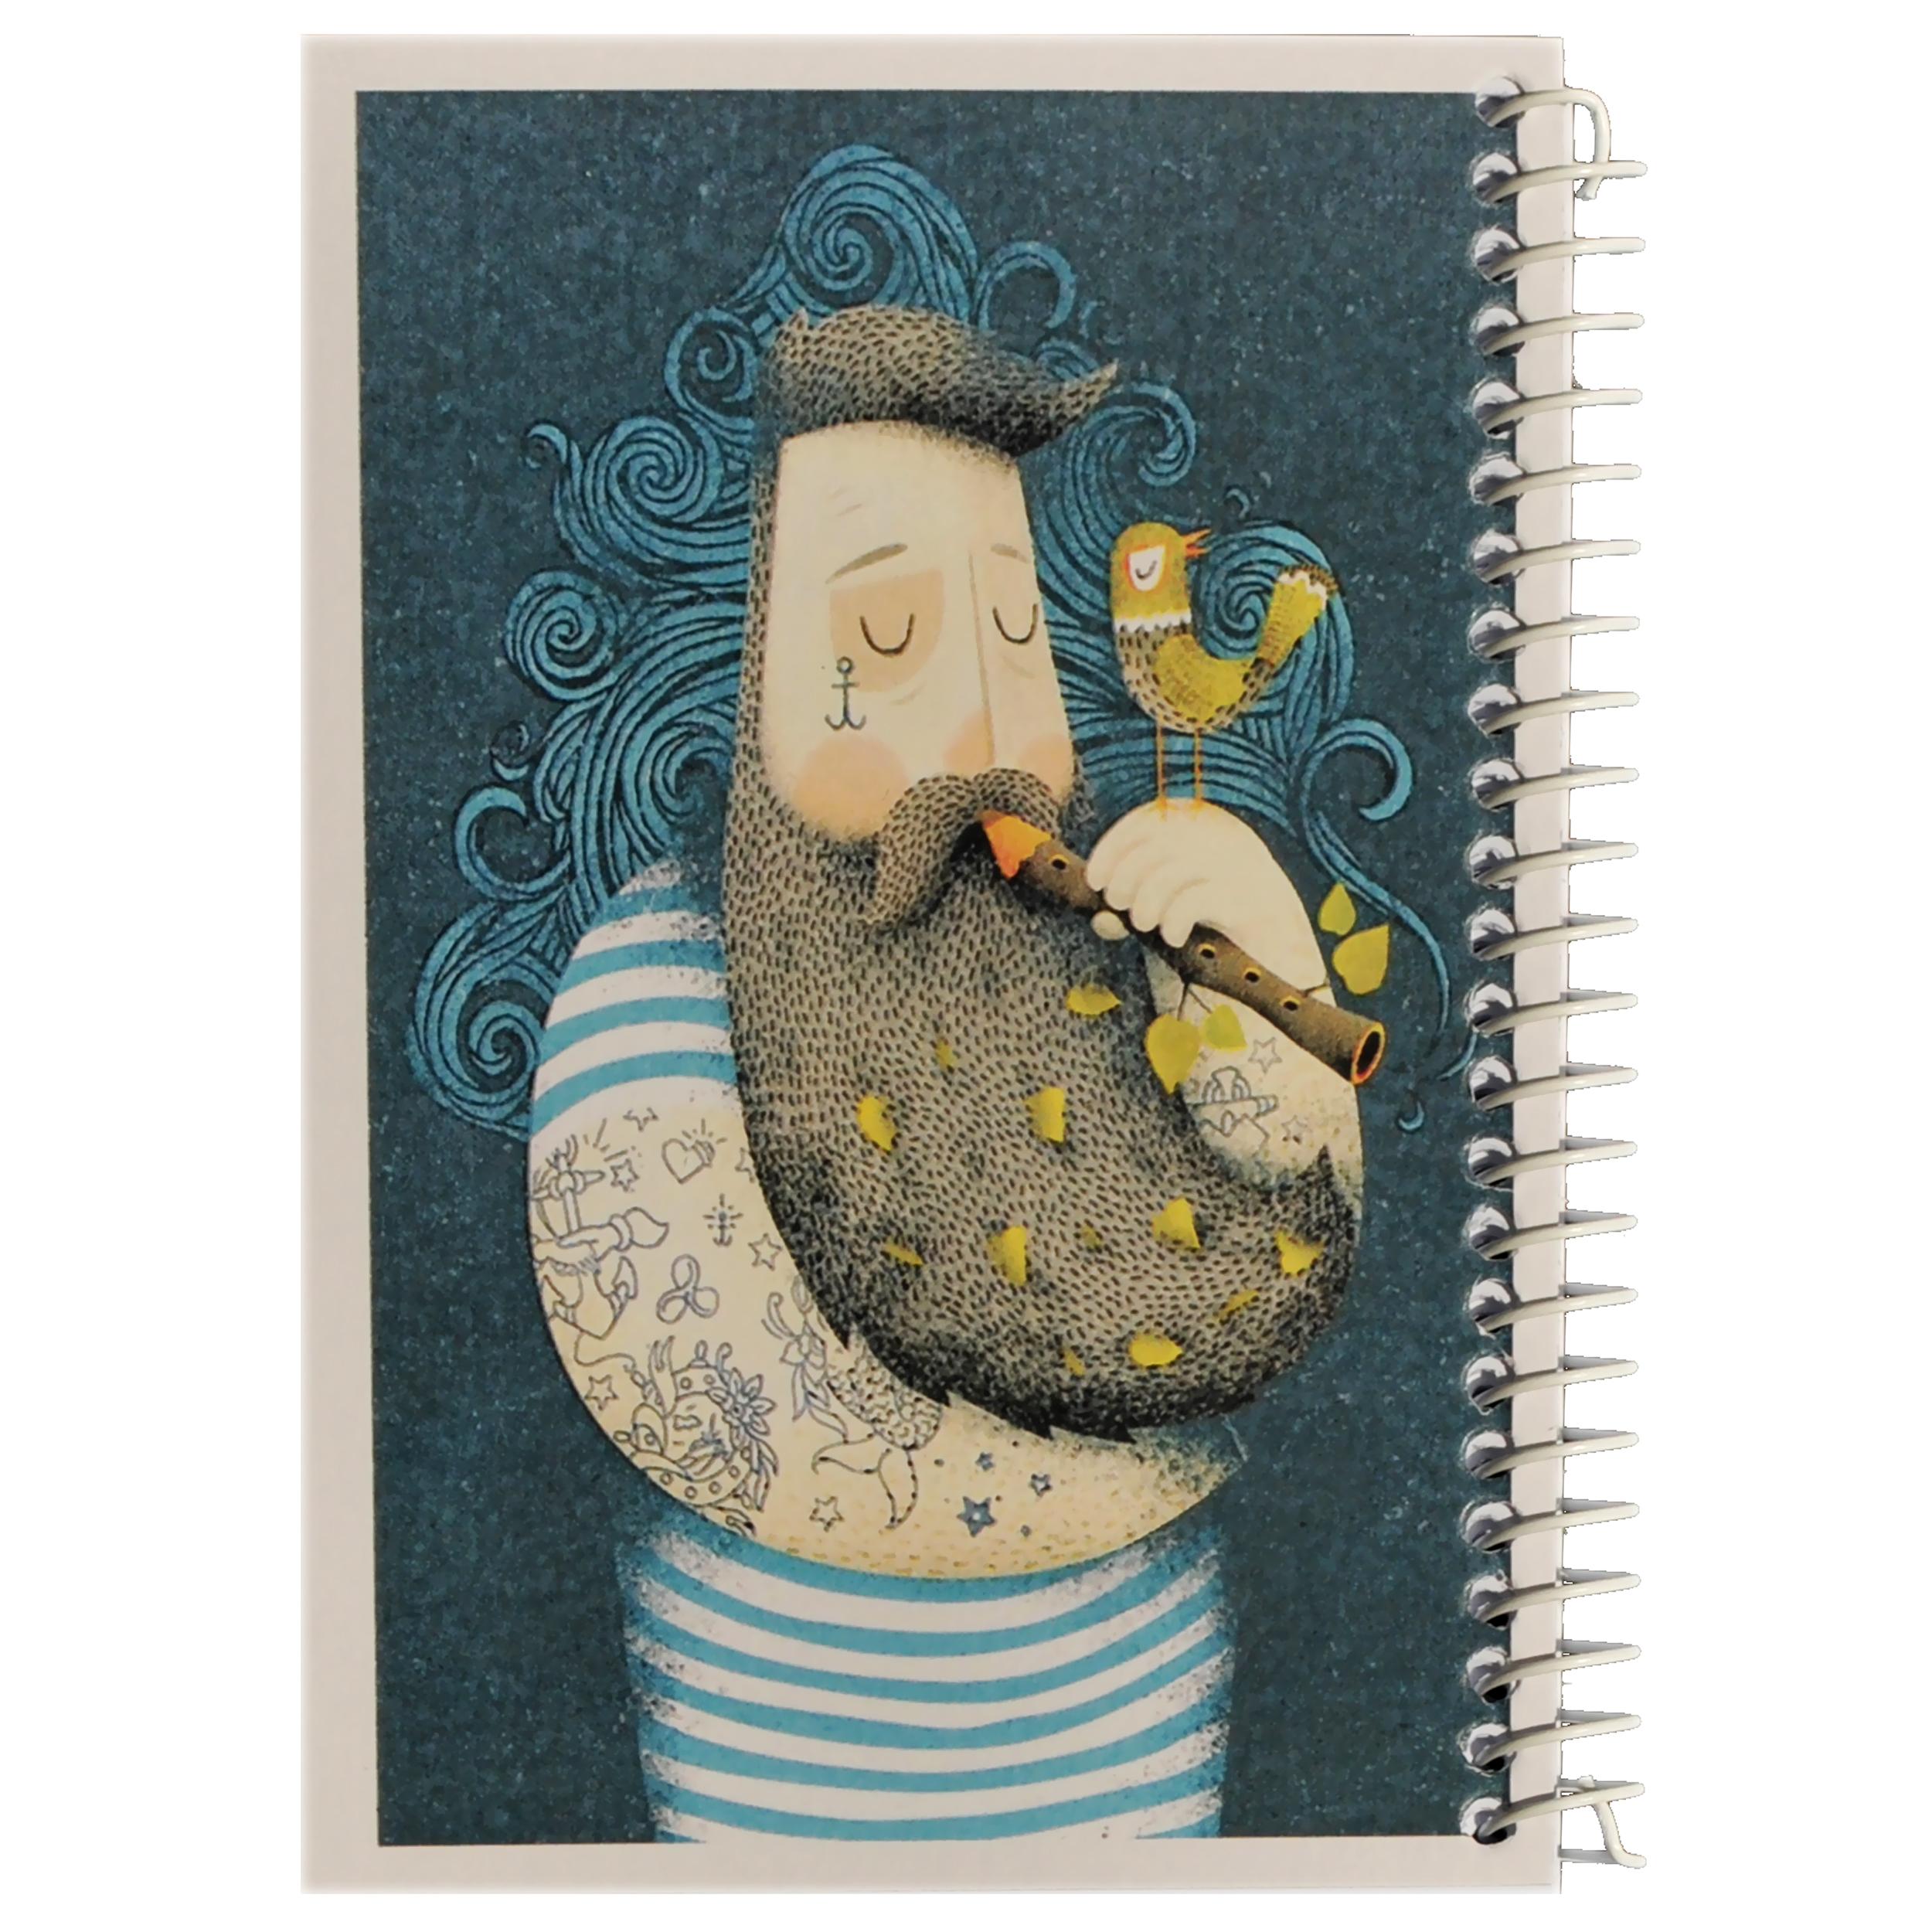 قیمت خرید دفترچه یادداشت مدل کژوال طرح فلوت نواز و پرنده ی کوچک اورجینال